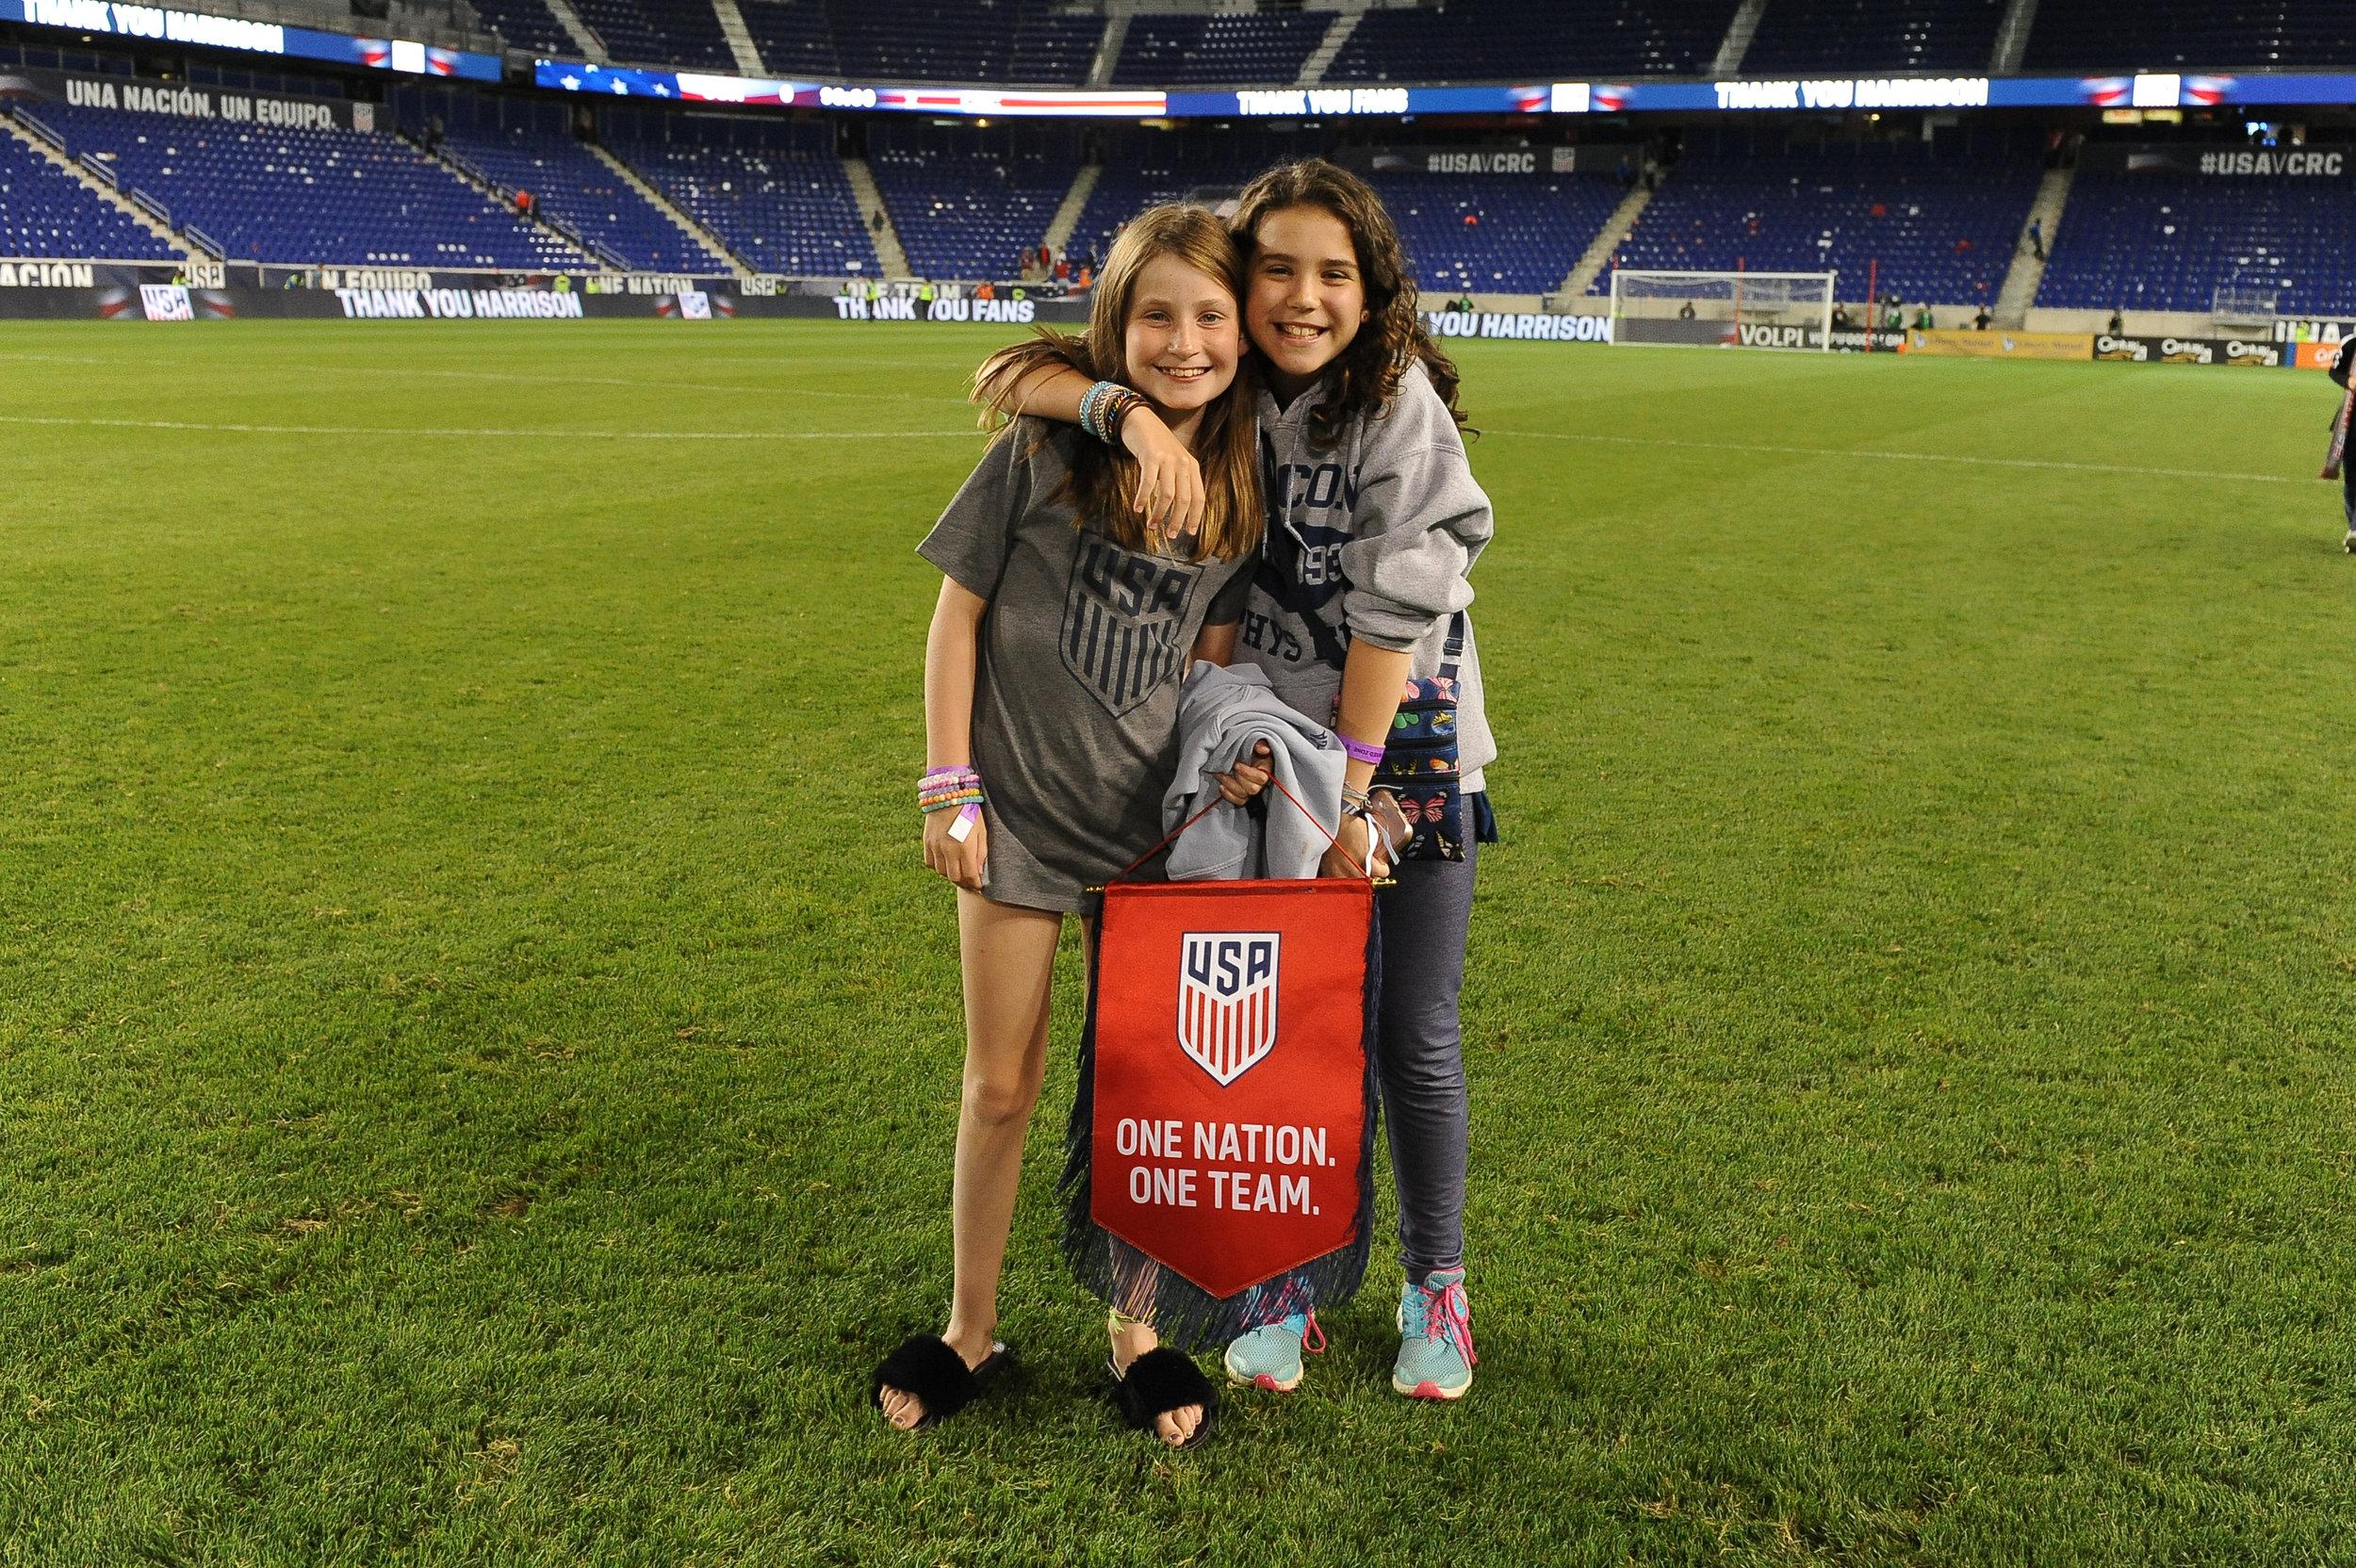 us_soccer_images_042_1.jpg